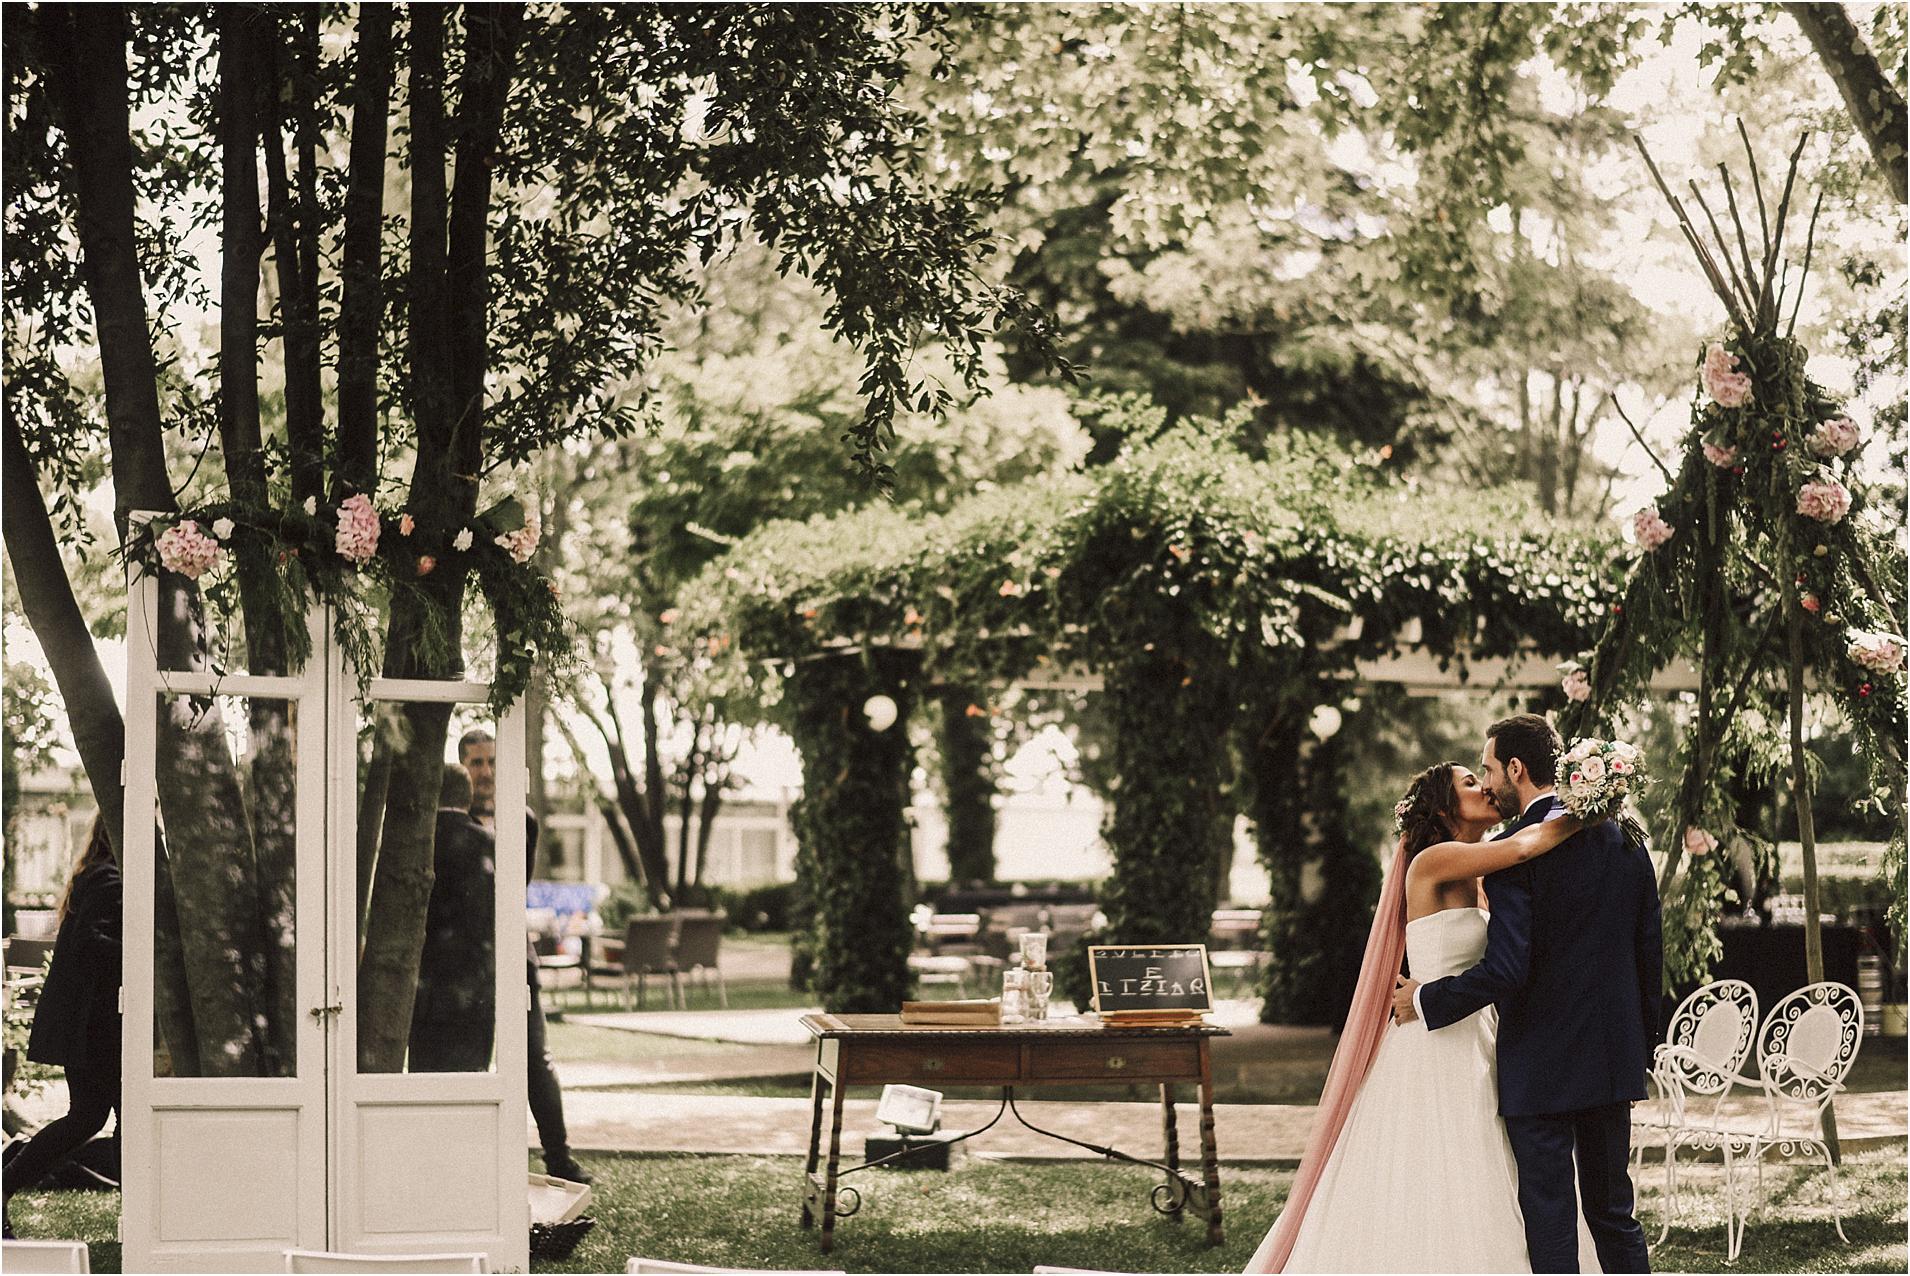 Fotografos-de-boda-donostia-zaragoza-san-sebastian-destination-wedding-photographer-63.jpg